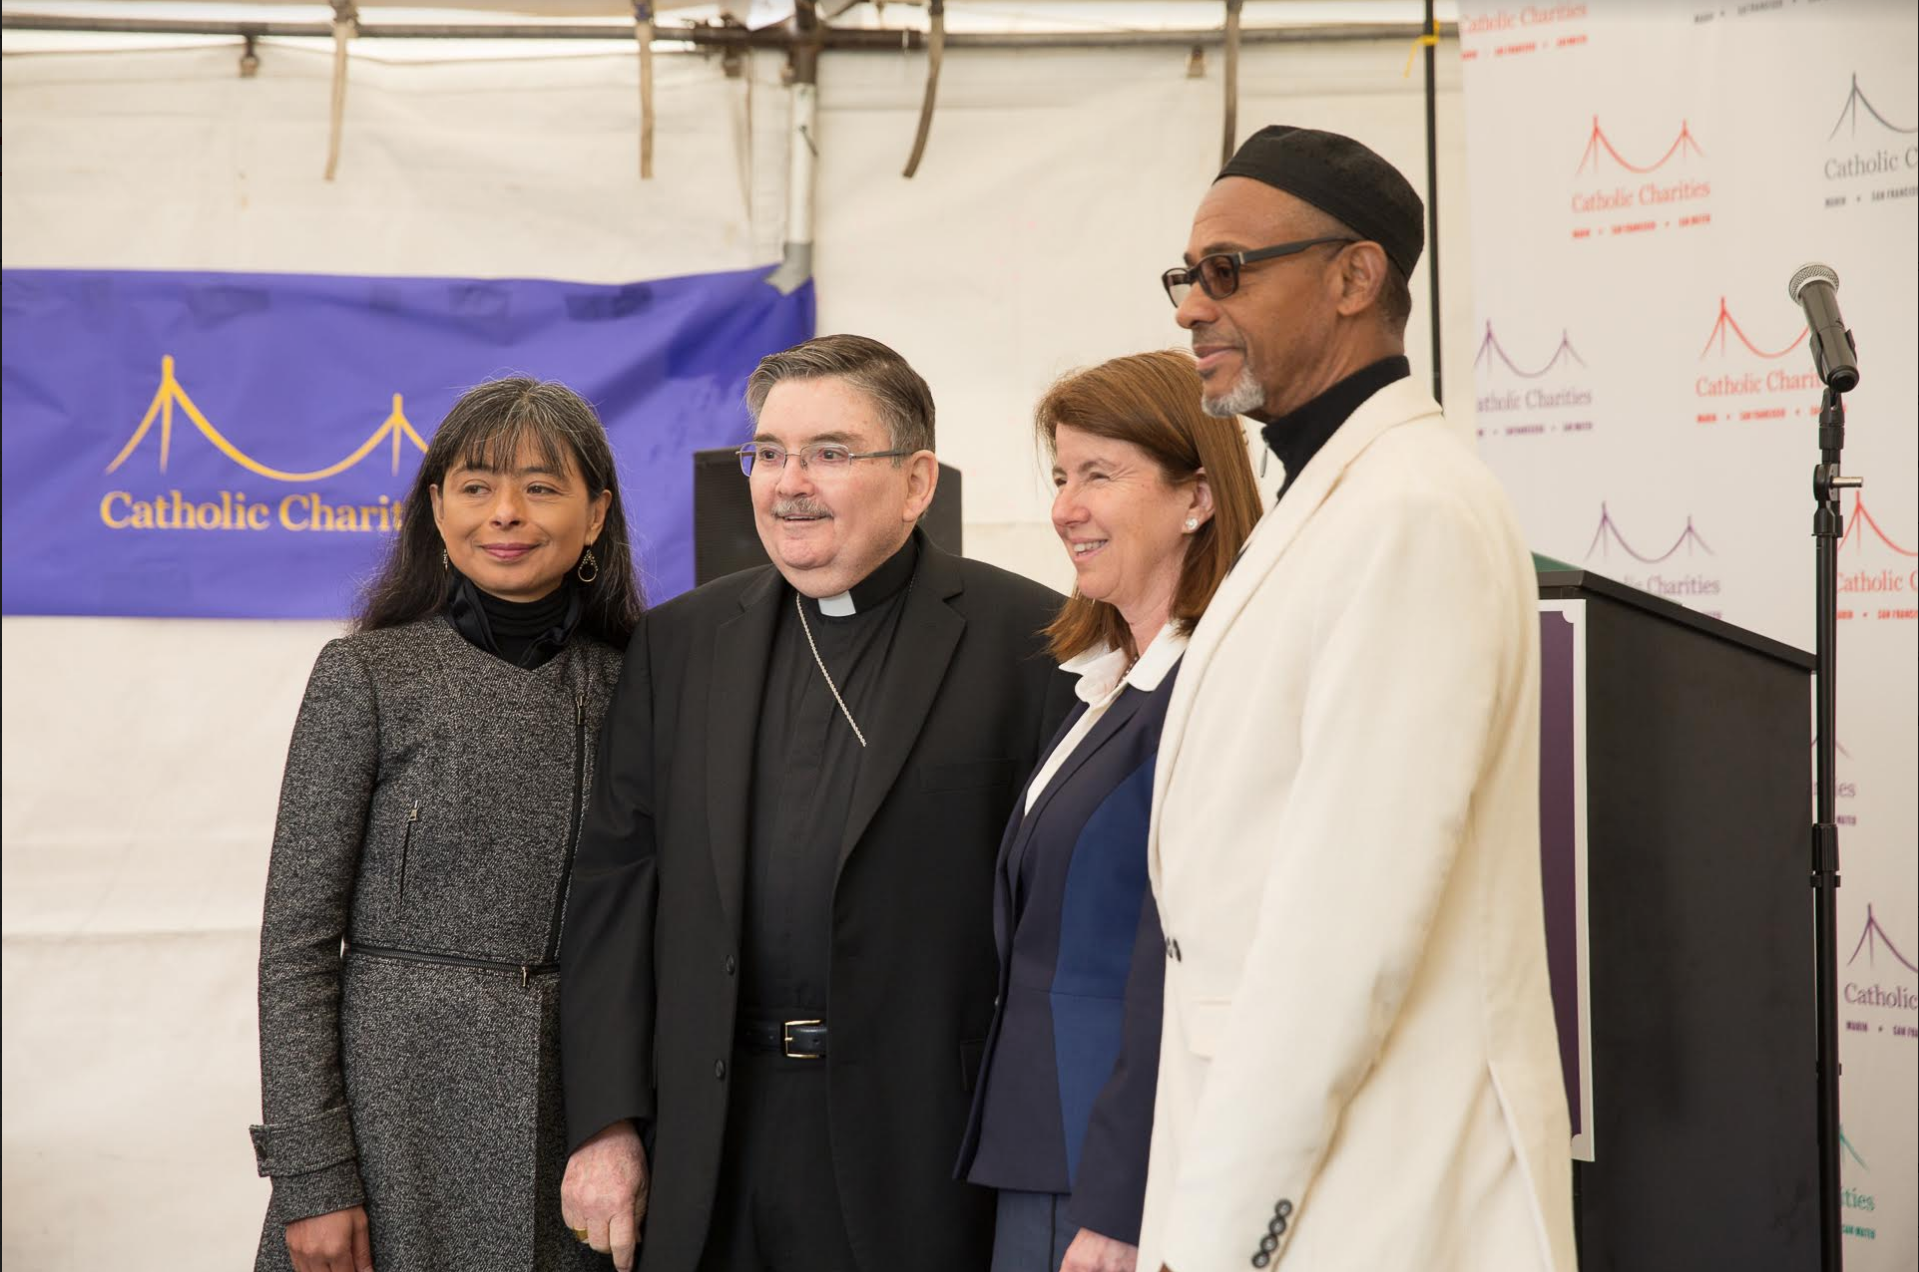 Catholic Charities Celebrates!